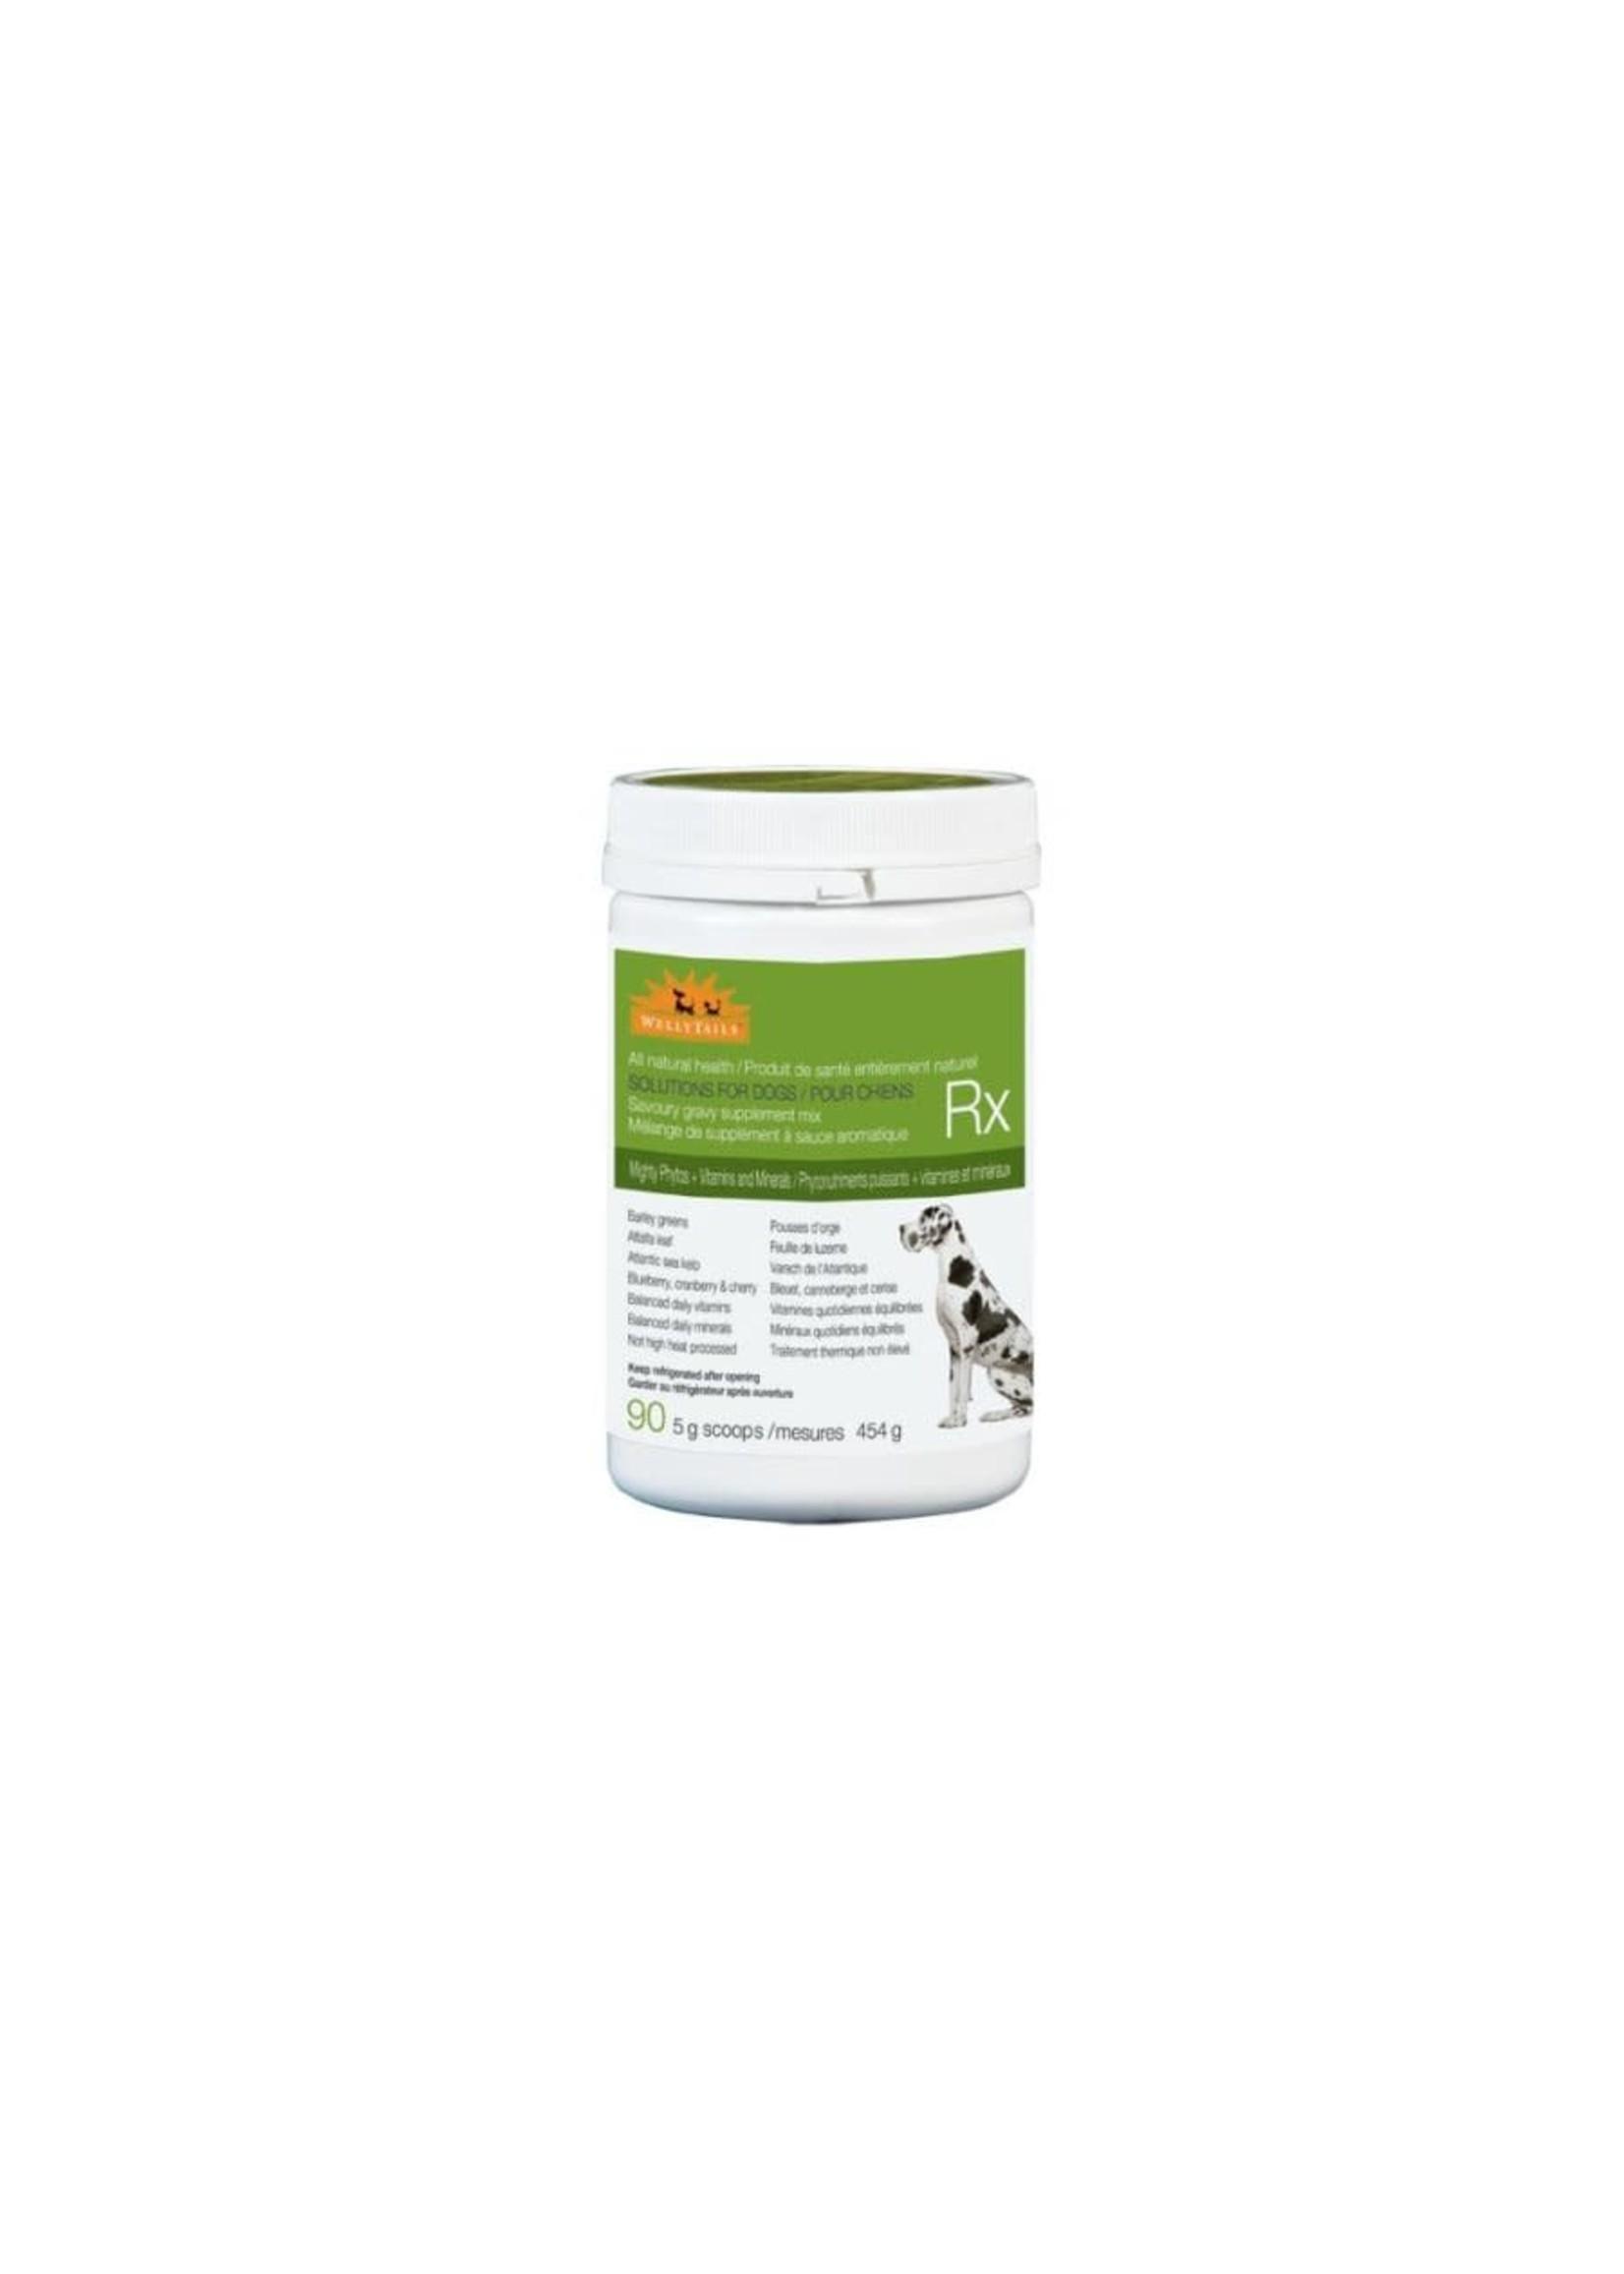 Welly Tails Willy rails chien supplément photo nutriment puissants + vitamines et minéraux  454gr